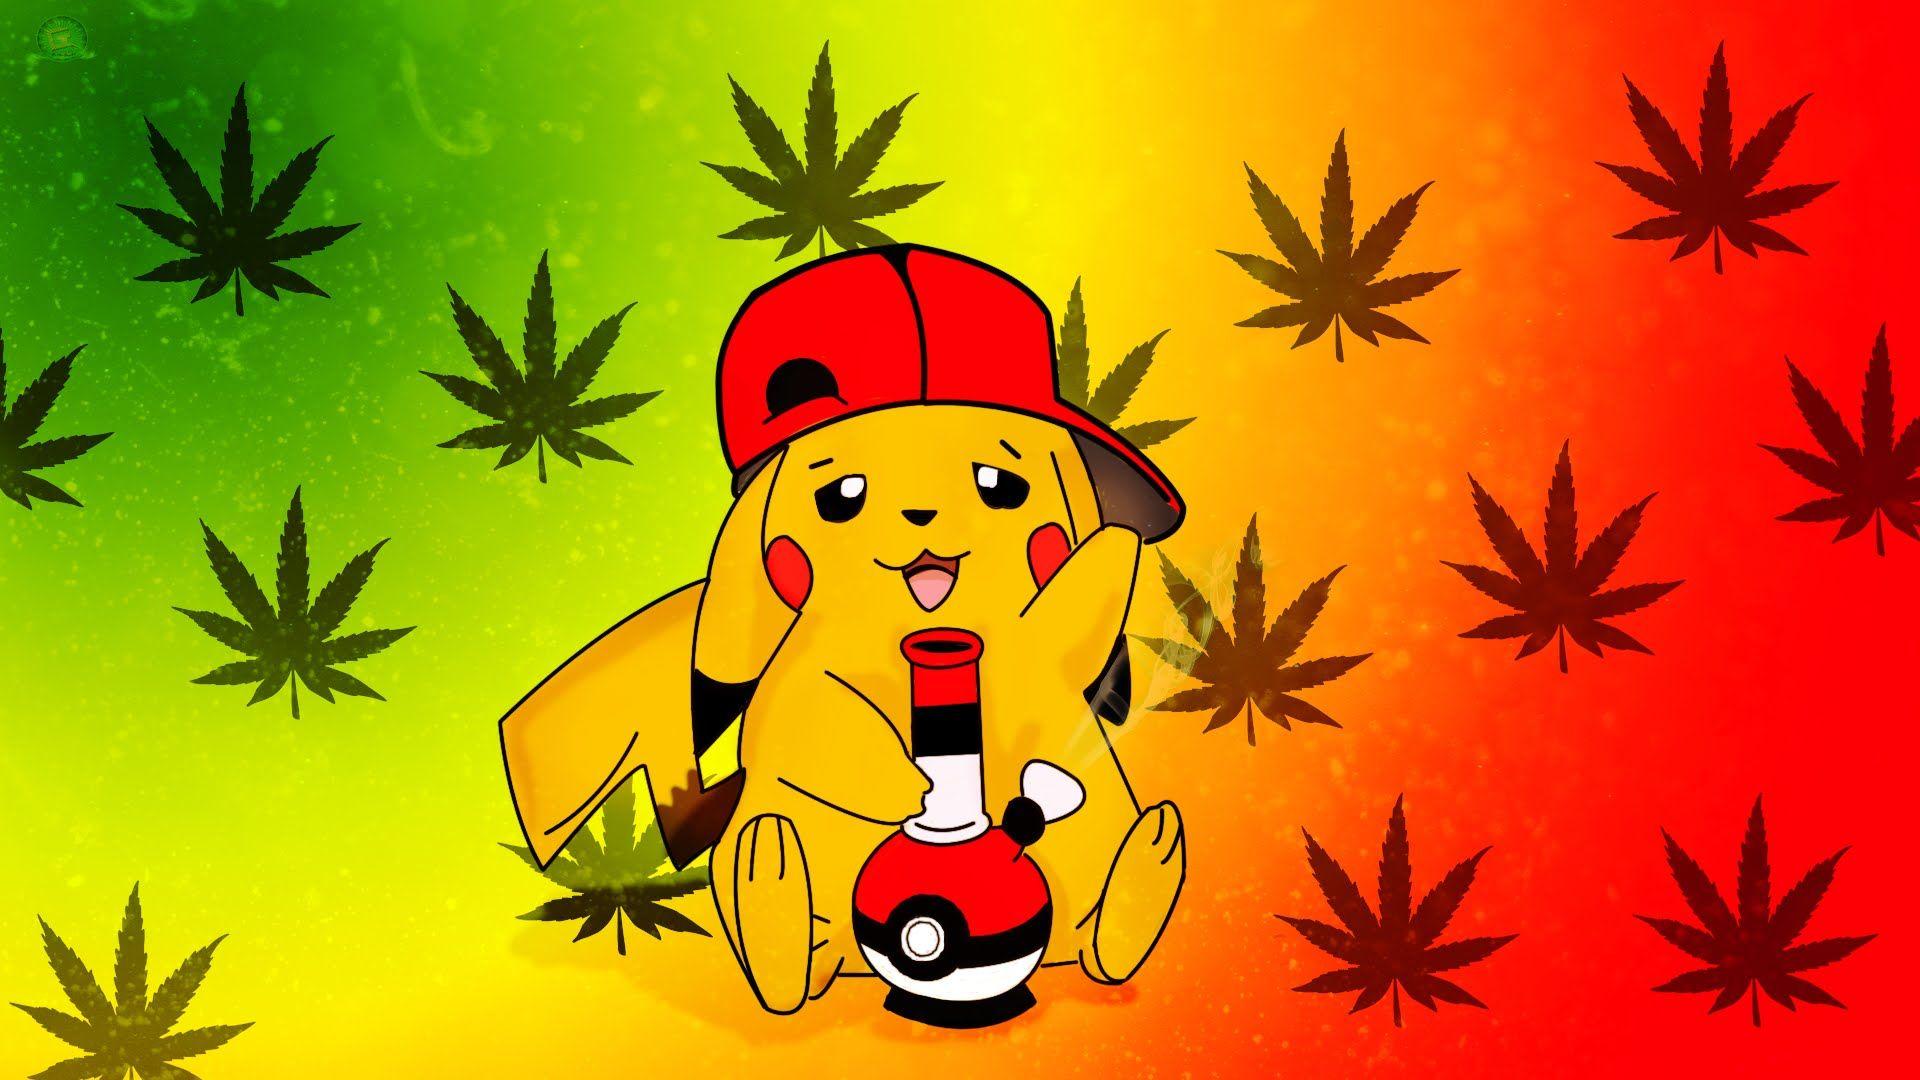 Hình nền Pikachu hài hước